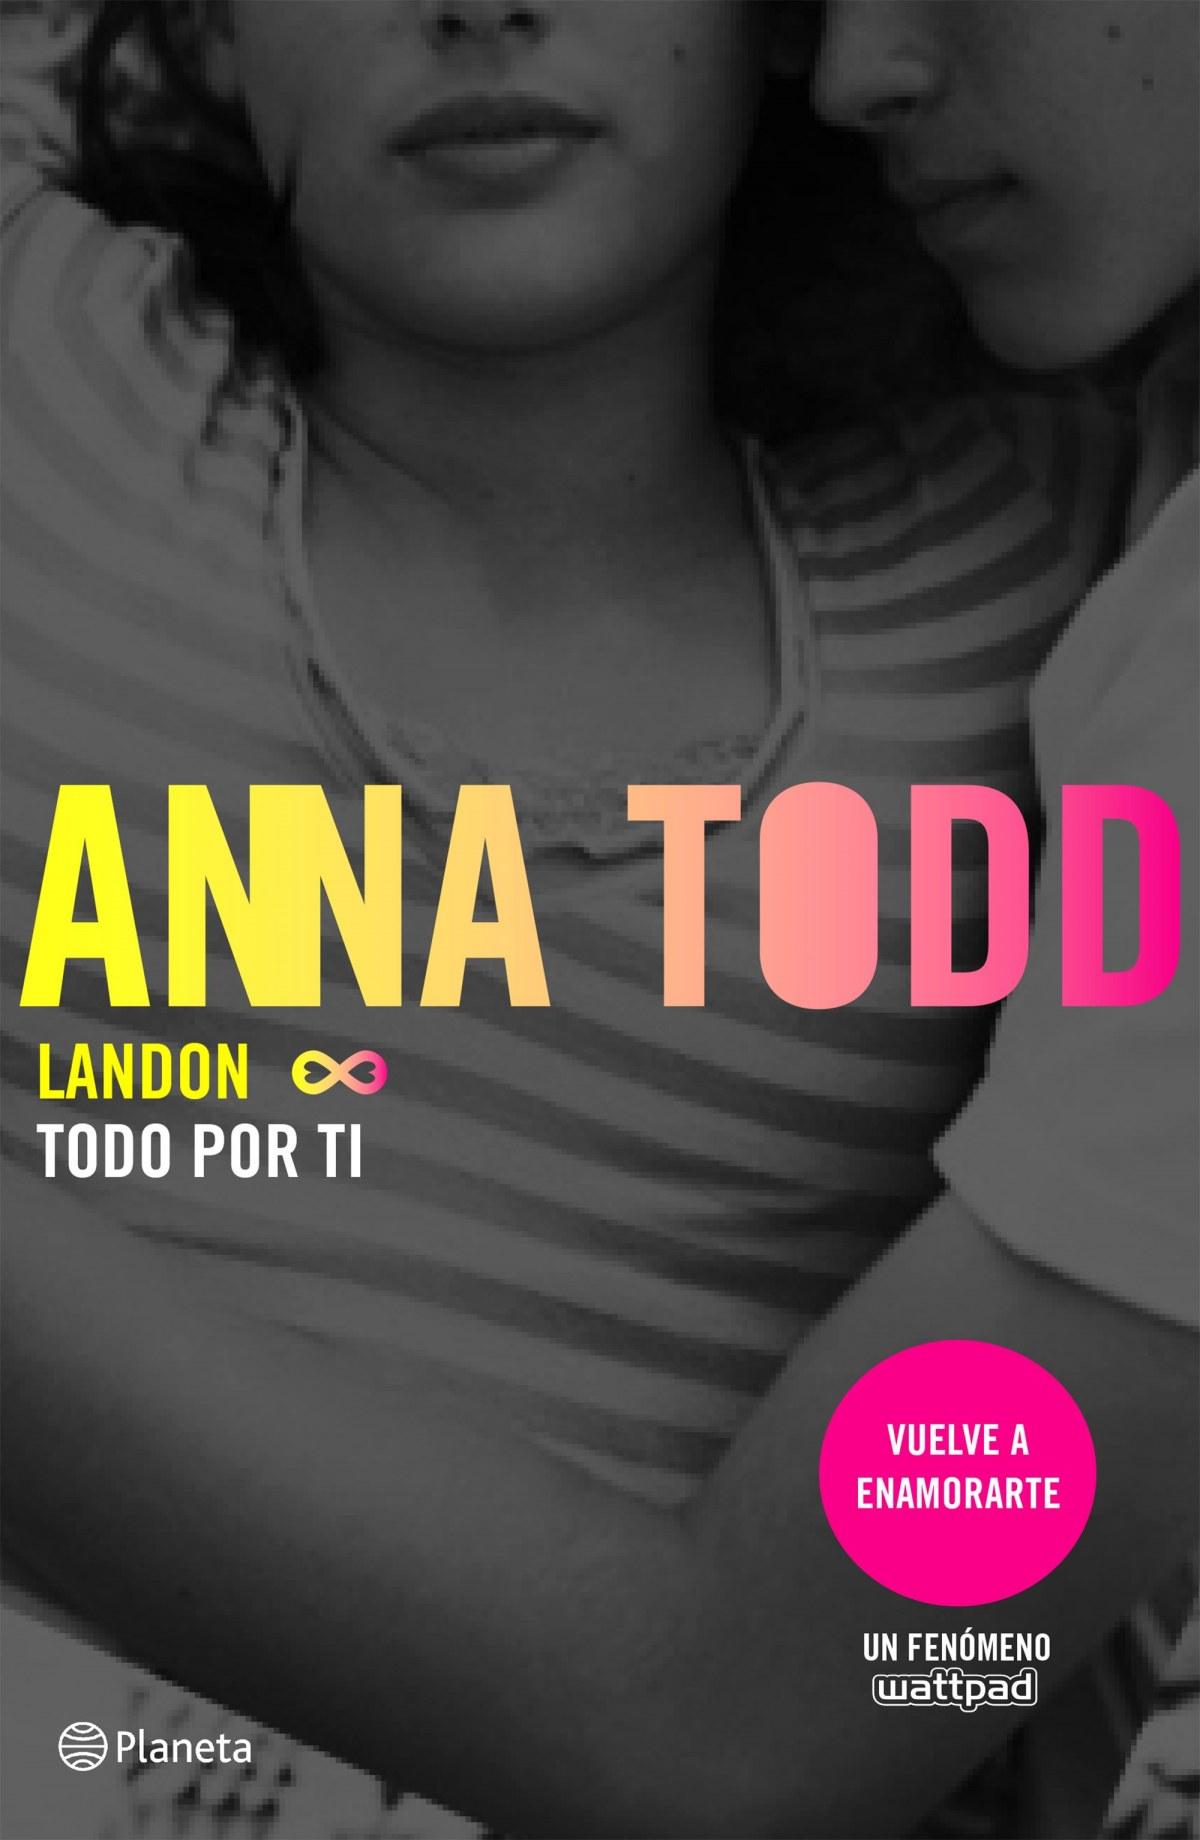 LANDON. TODO POR TI 9788408155324